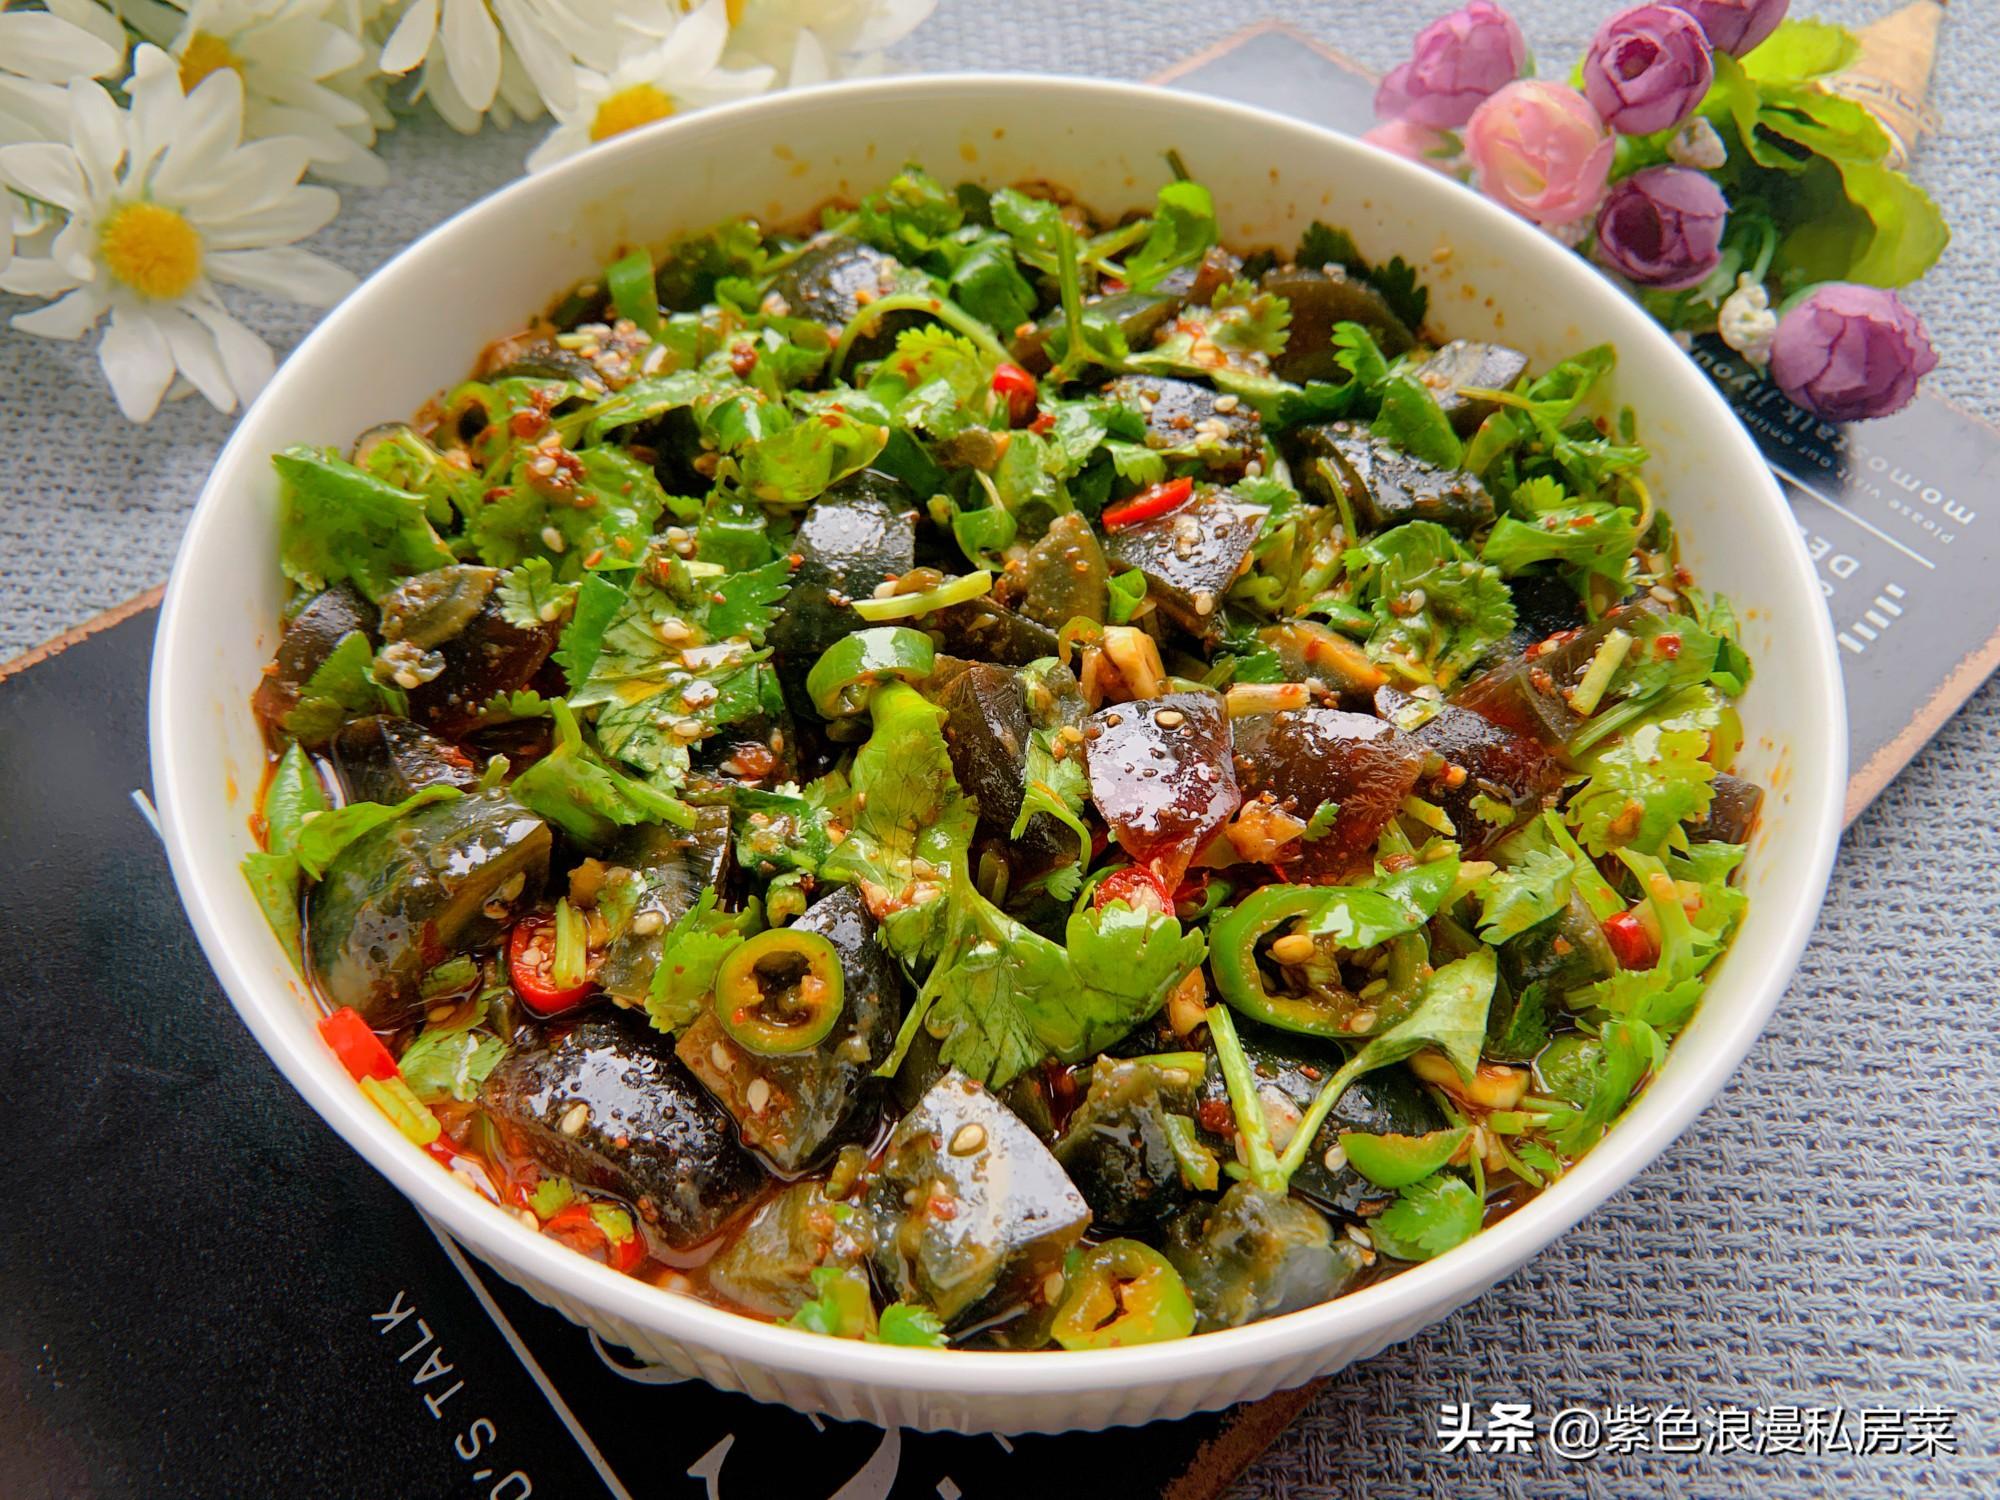 胃口不好的时候,最爱这道菜,简单拌一拌,酸辣开胃,越吃越香 美食做法 第8张